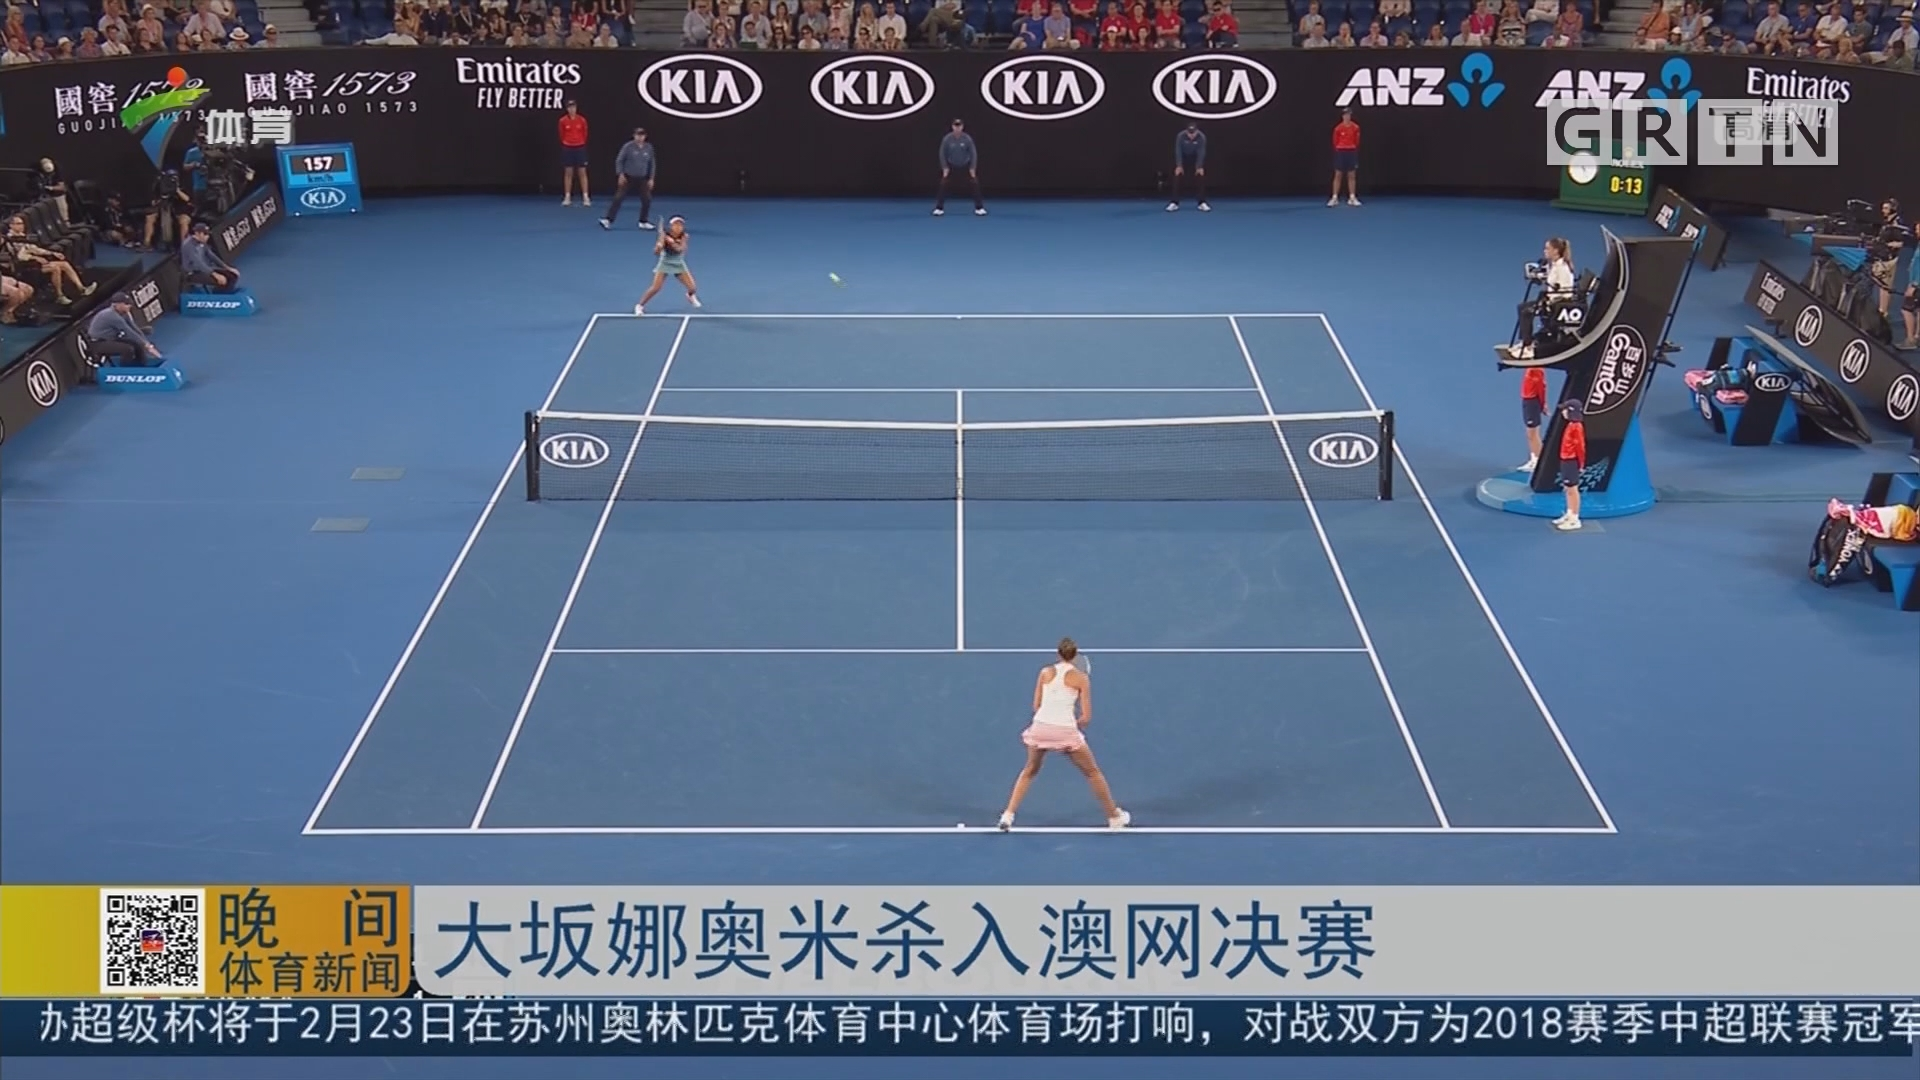 大坂娜奥米杀入澳网决赛